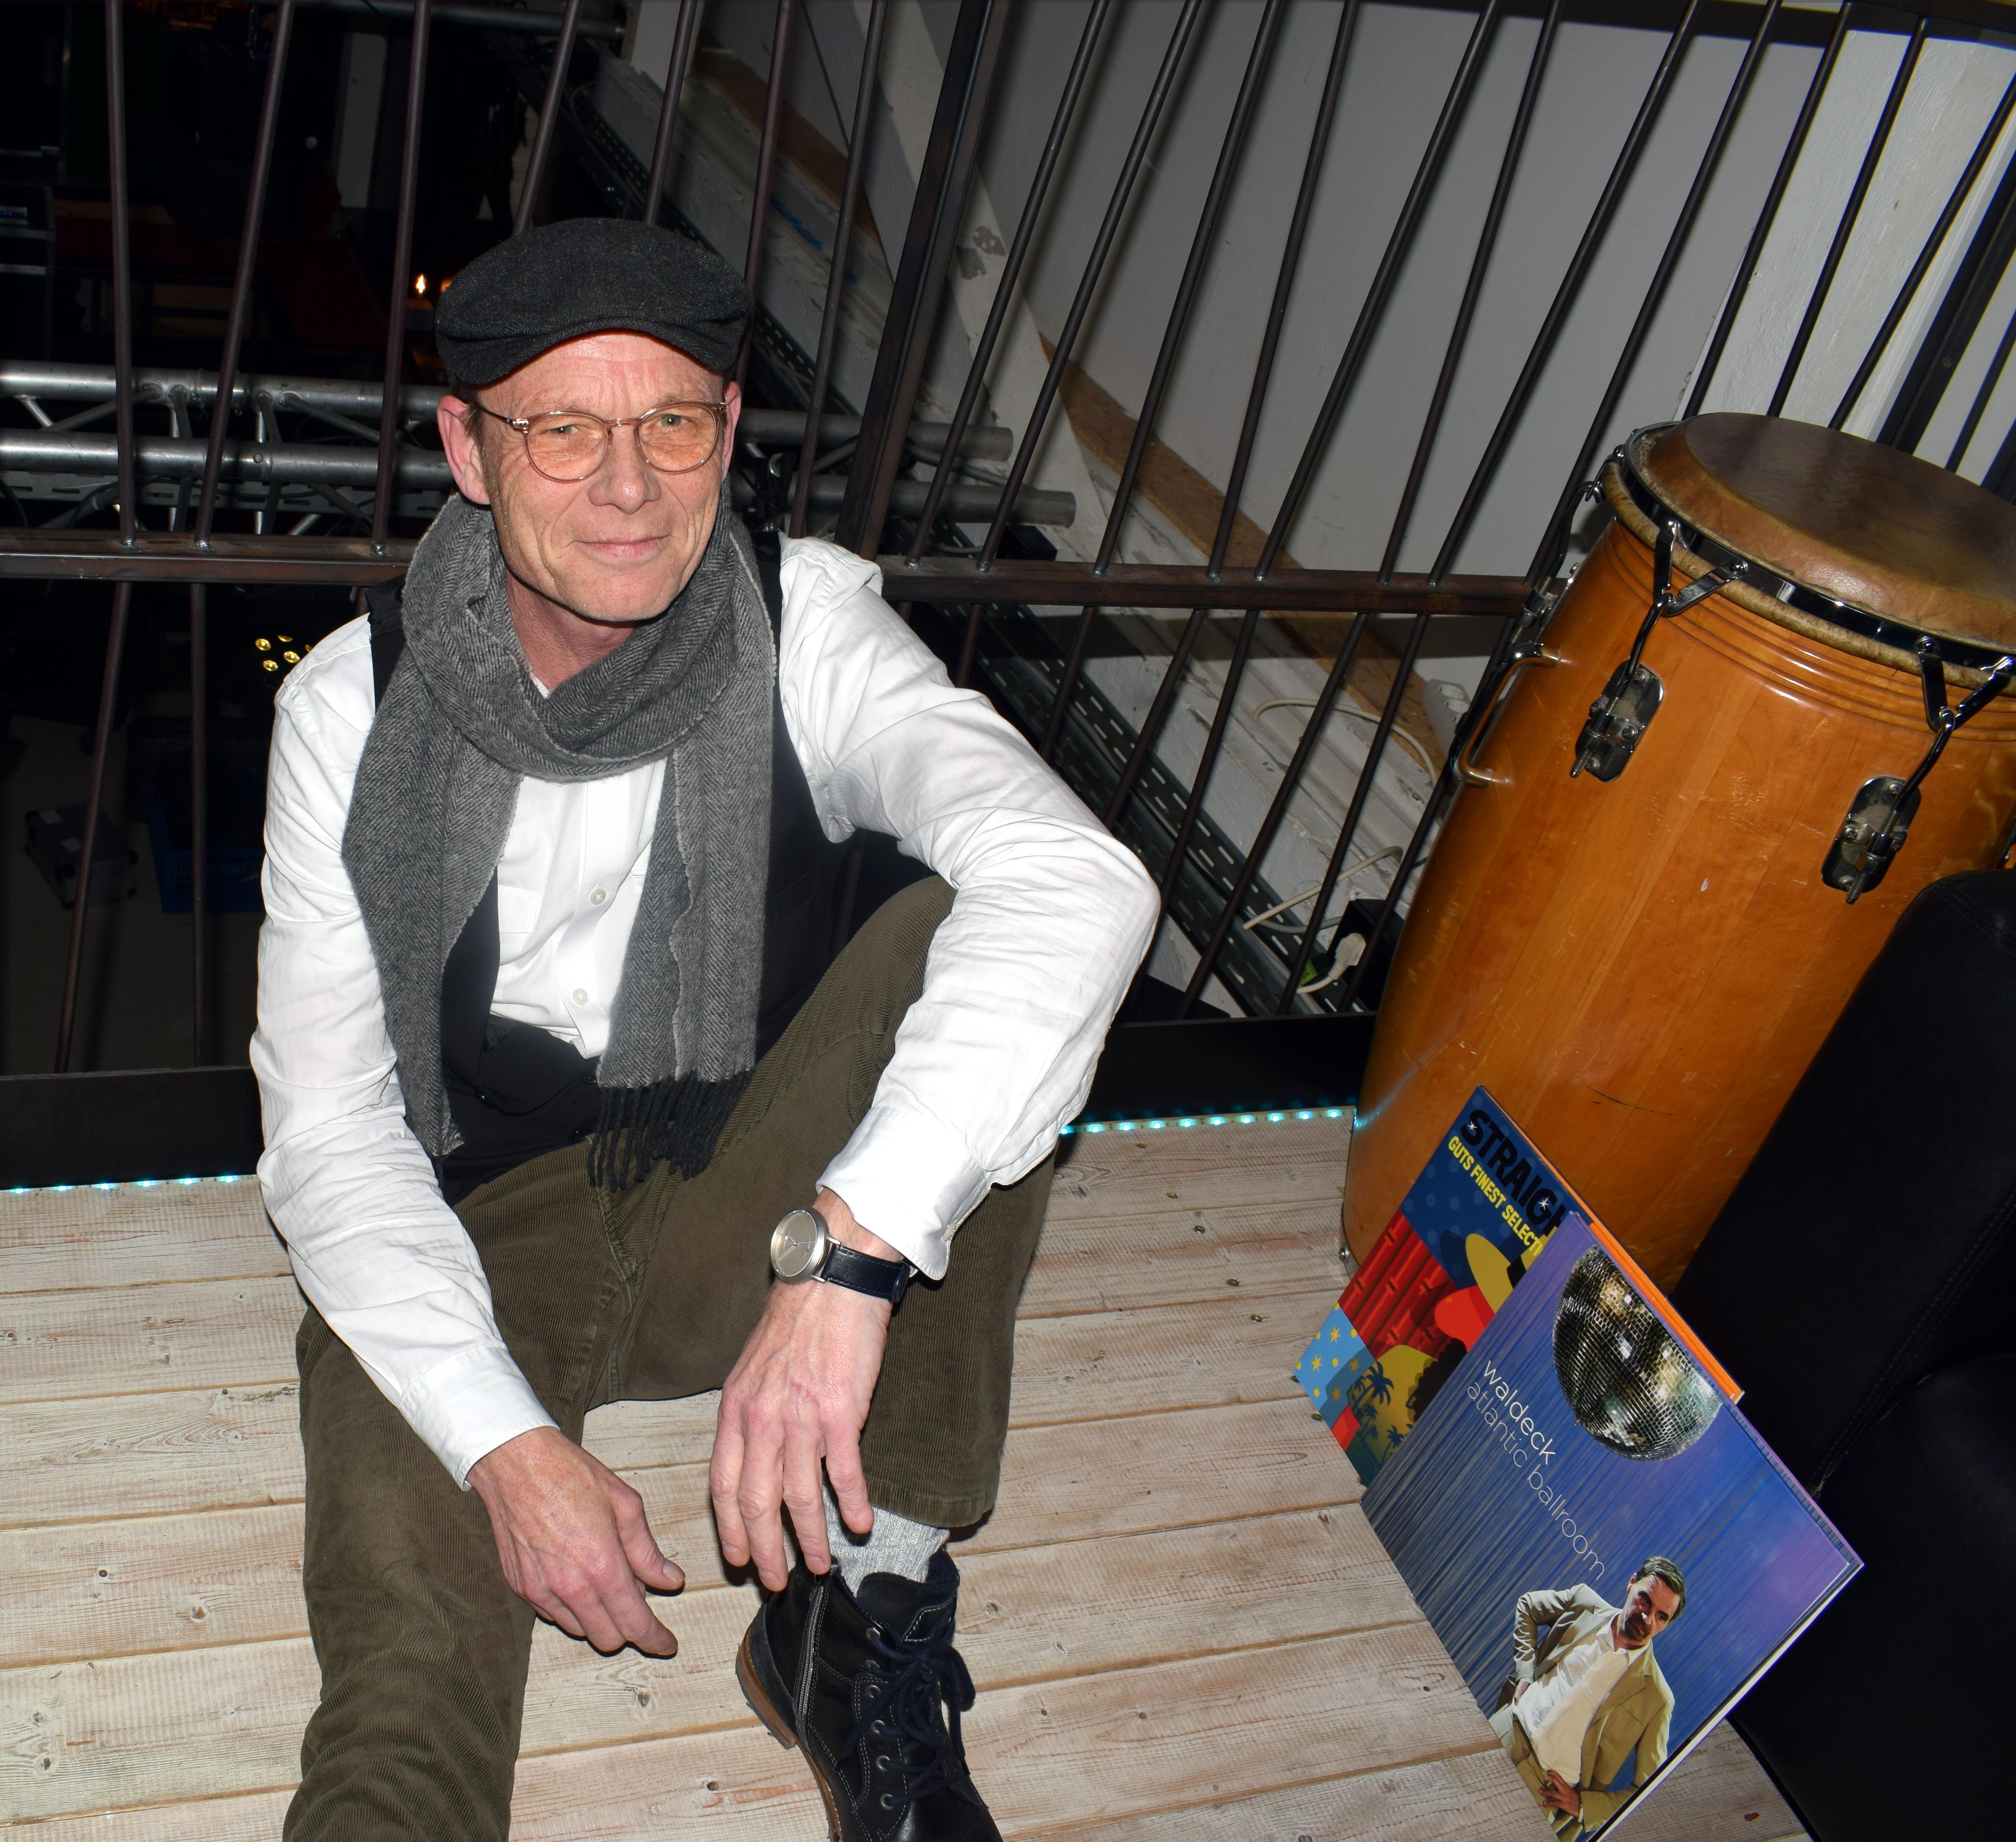 DJ Kalle, Serie, DJs, Bergedorf, Hamburg, Soul, Jazz, Live-Stream, direkt vom Plattenteller, straight from the decks, Party, Stimmung